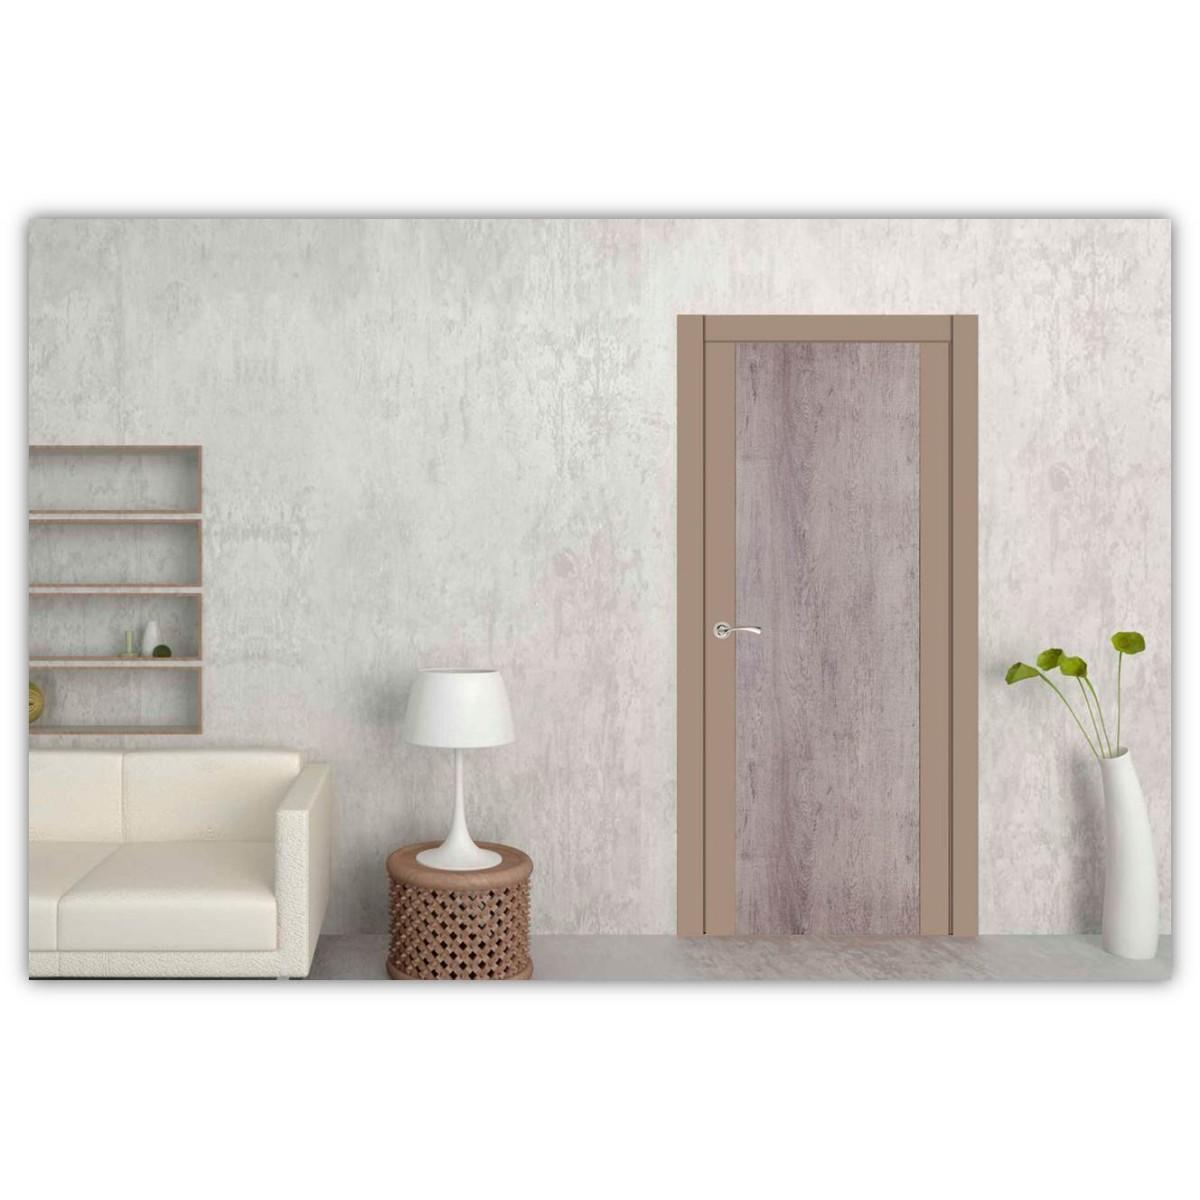 Дверь Межкомнатная Глухая Арт Лайн 90x200 Цвет Какао/Кора